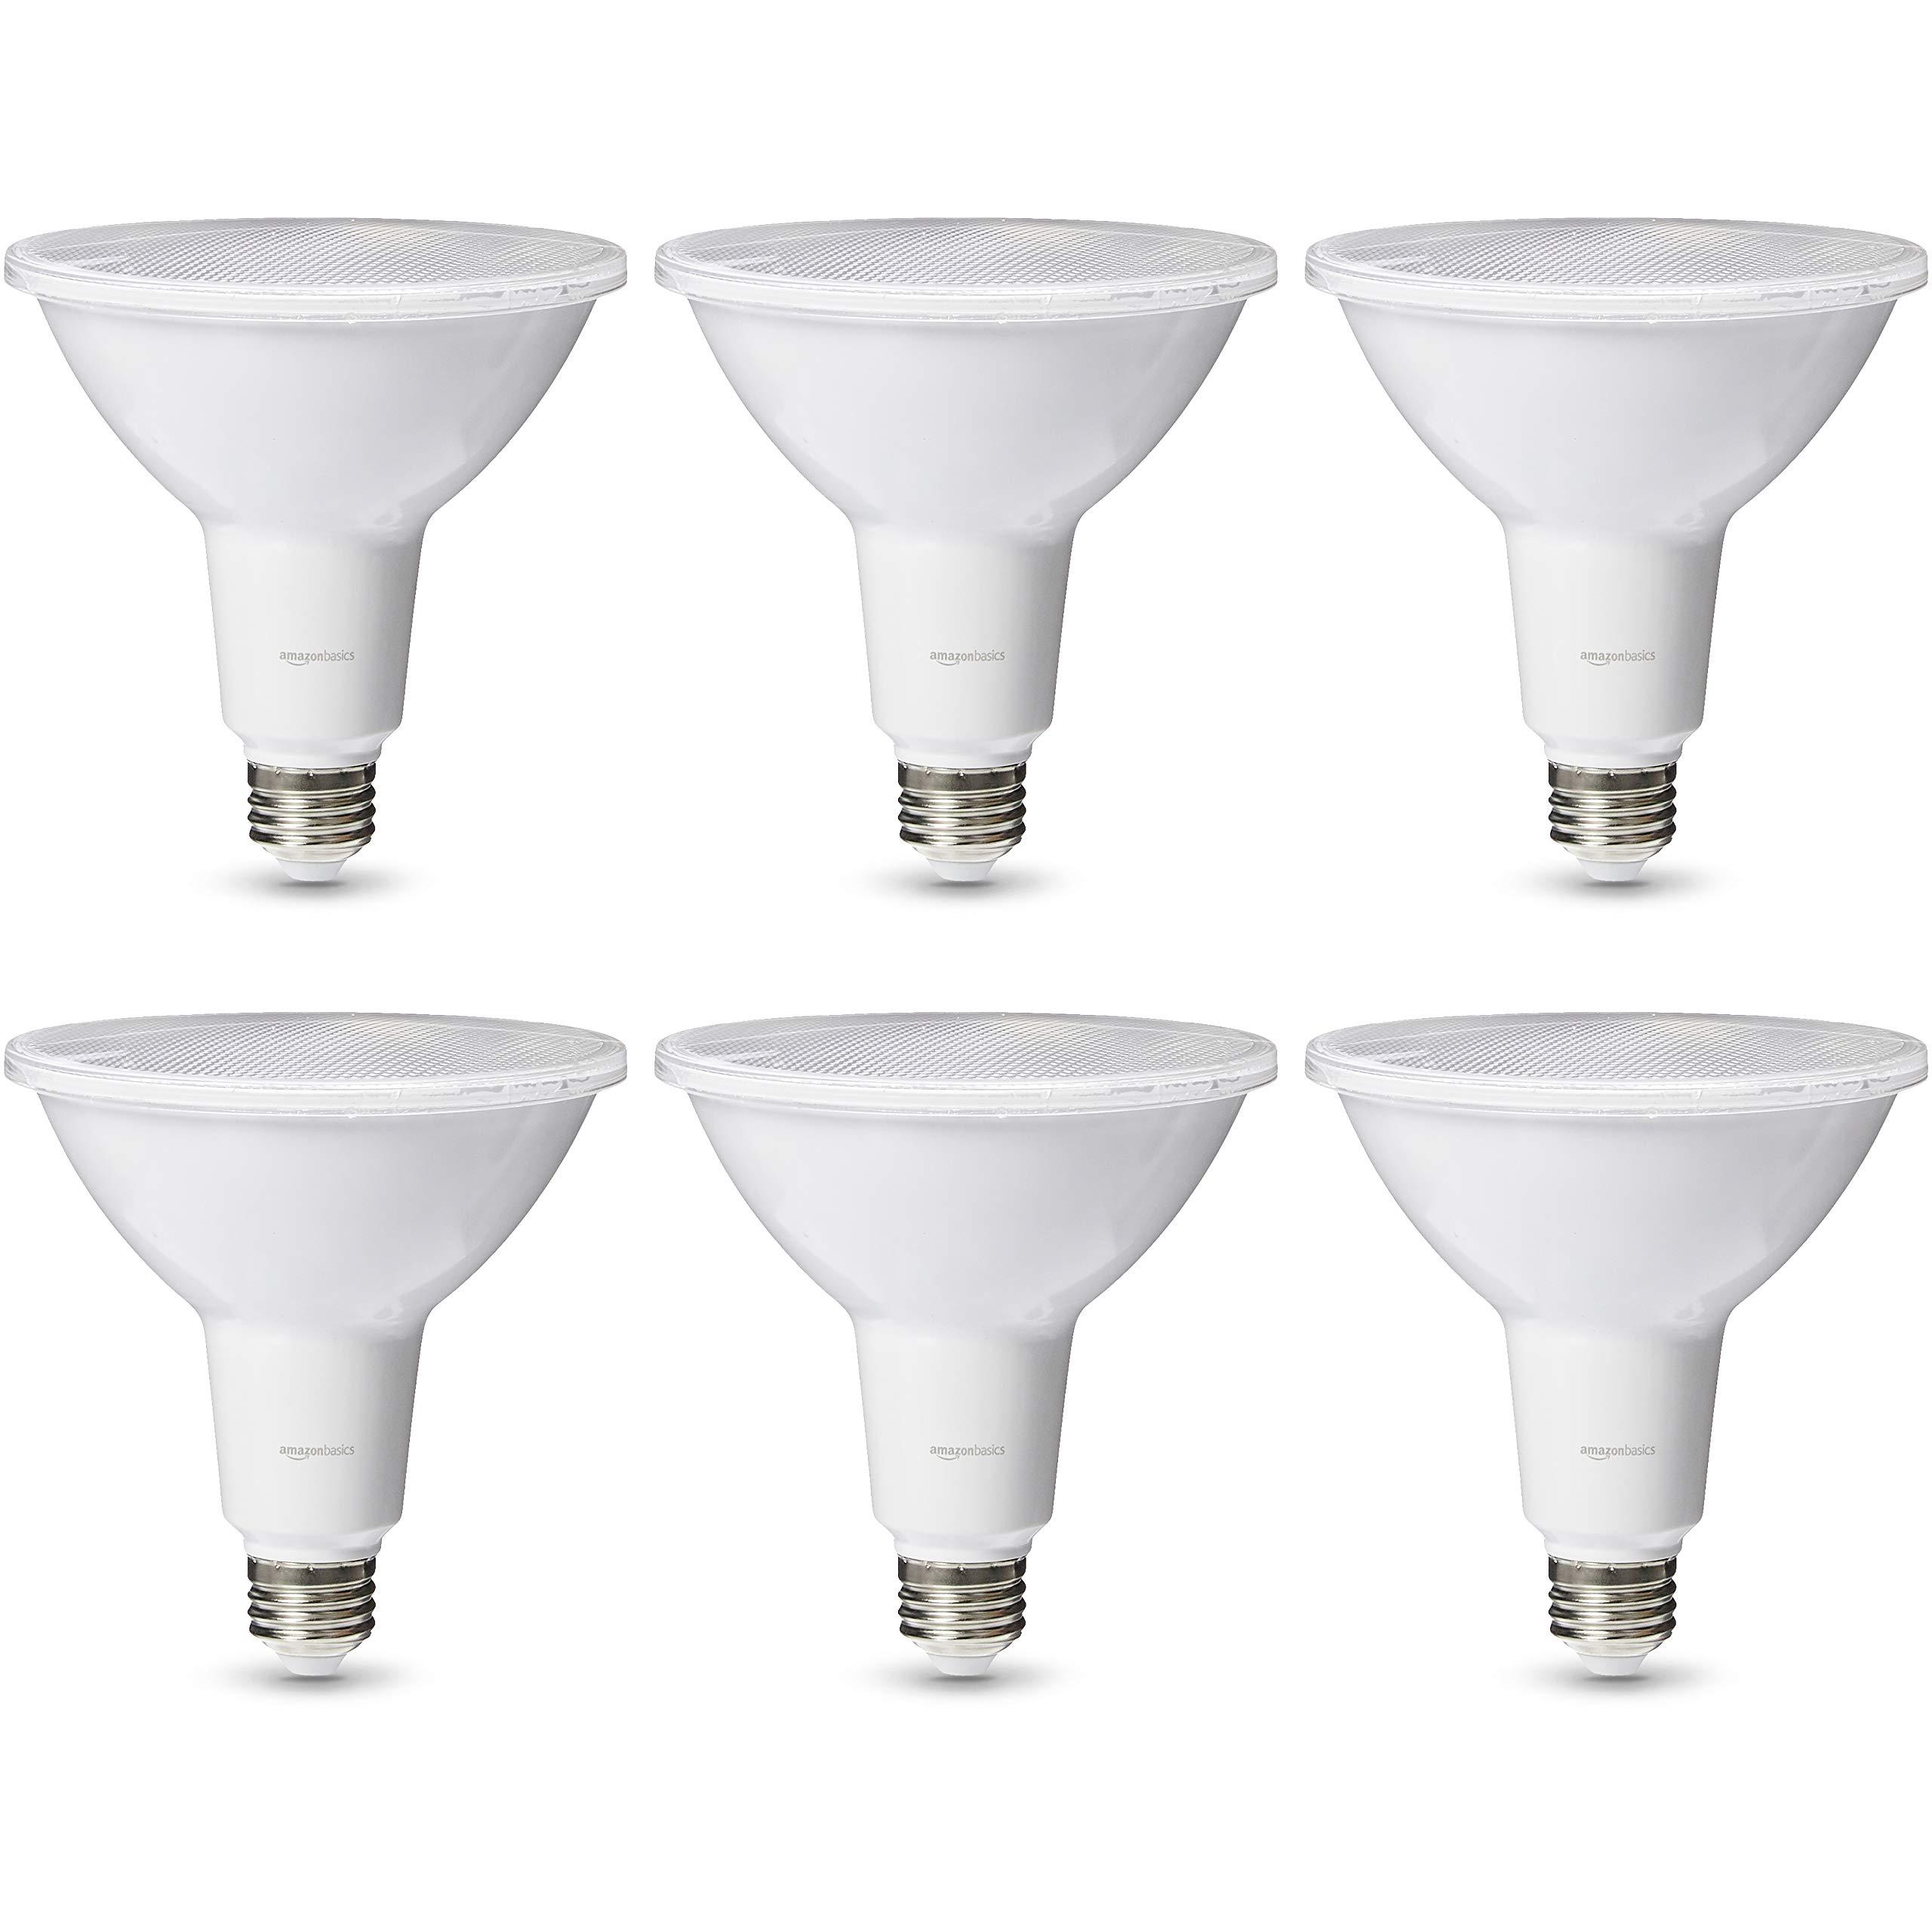 AmazonBasics Commercial Grade LED Light Bulb | 120-Watt Equivale, PAR38, Soft White, Dimmable, 6-Pack